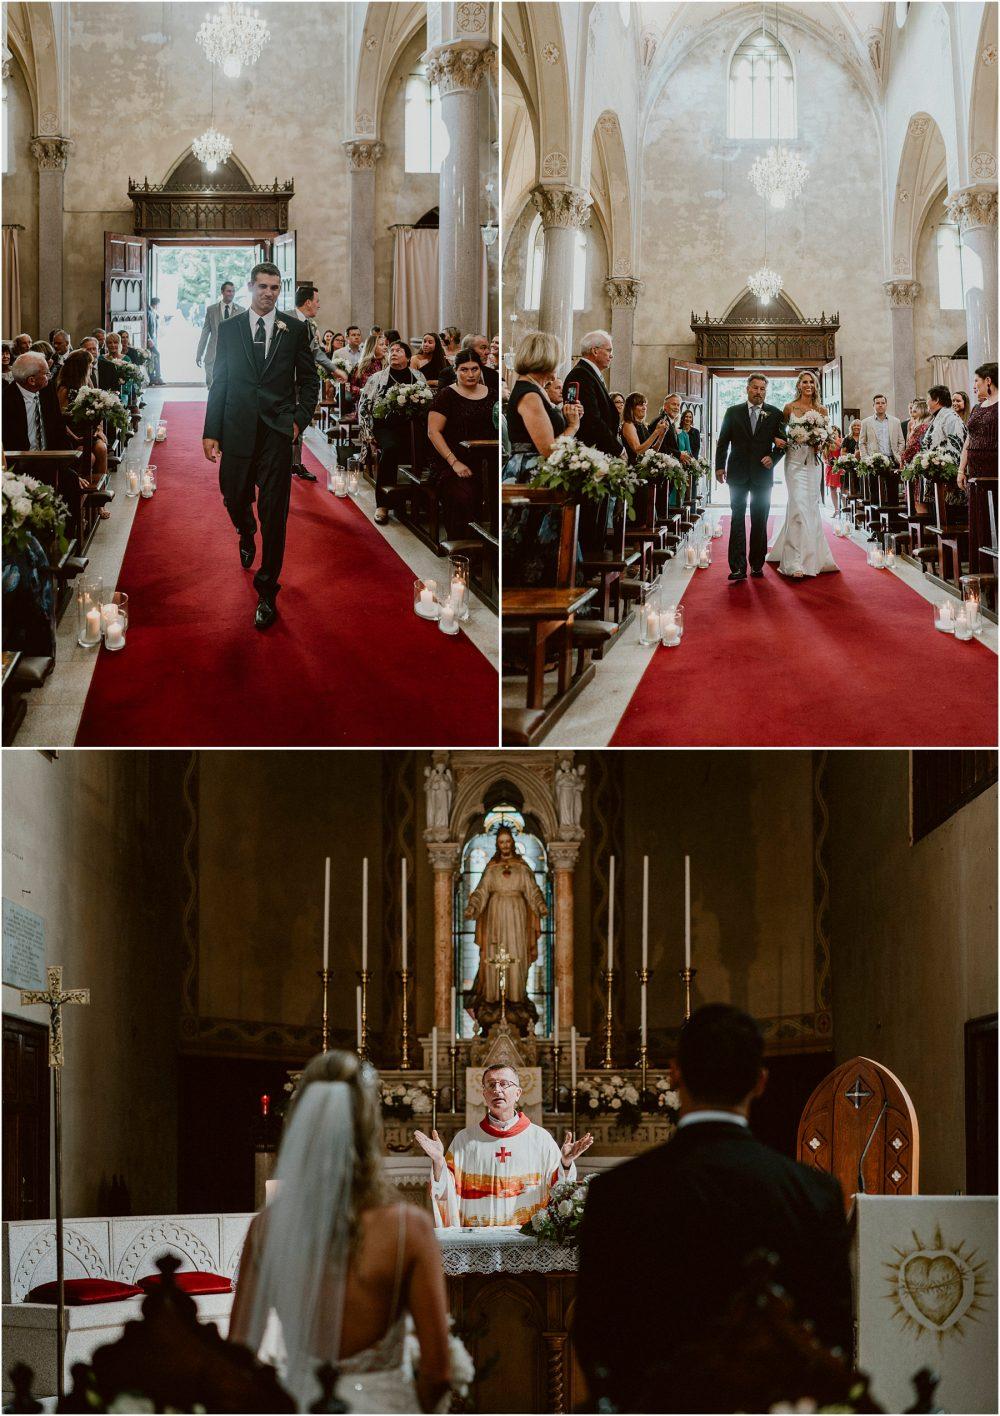 Chiesa parrocchiale dei SS. Giuseppe e Biagio entrata degli sposi, matrimonio Lago Maggiore Stresa